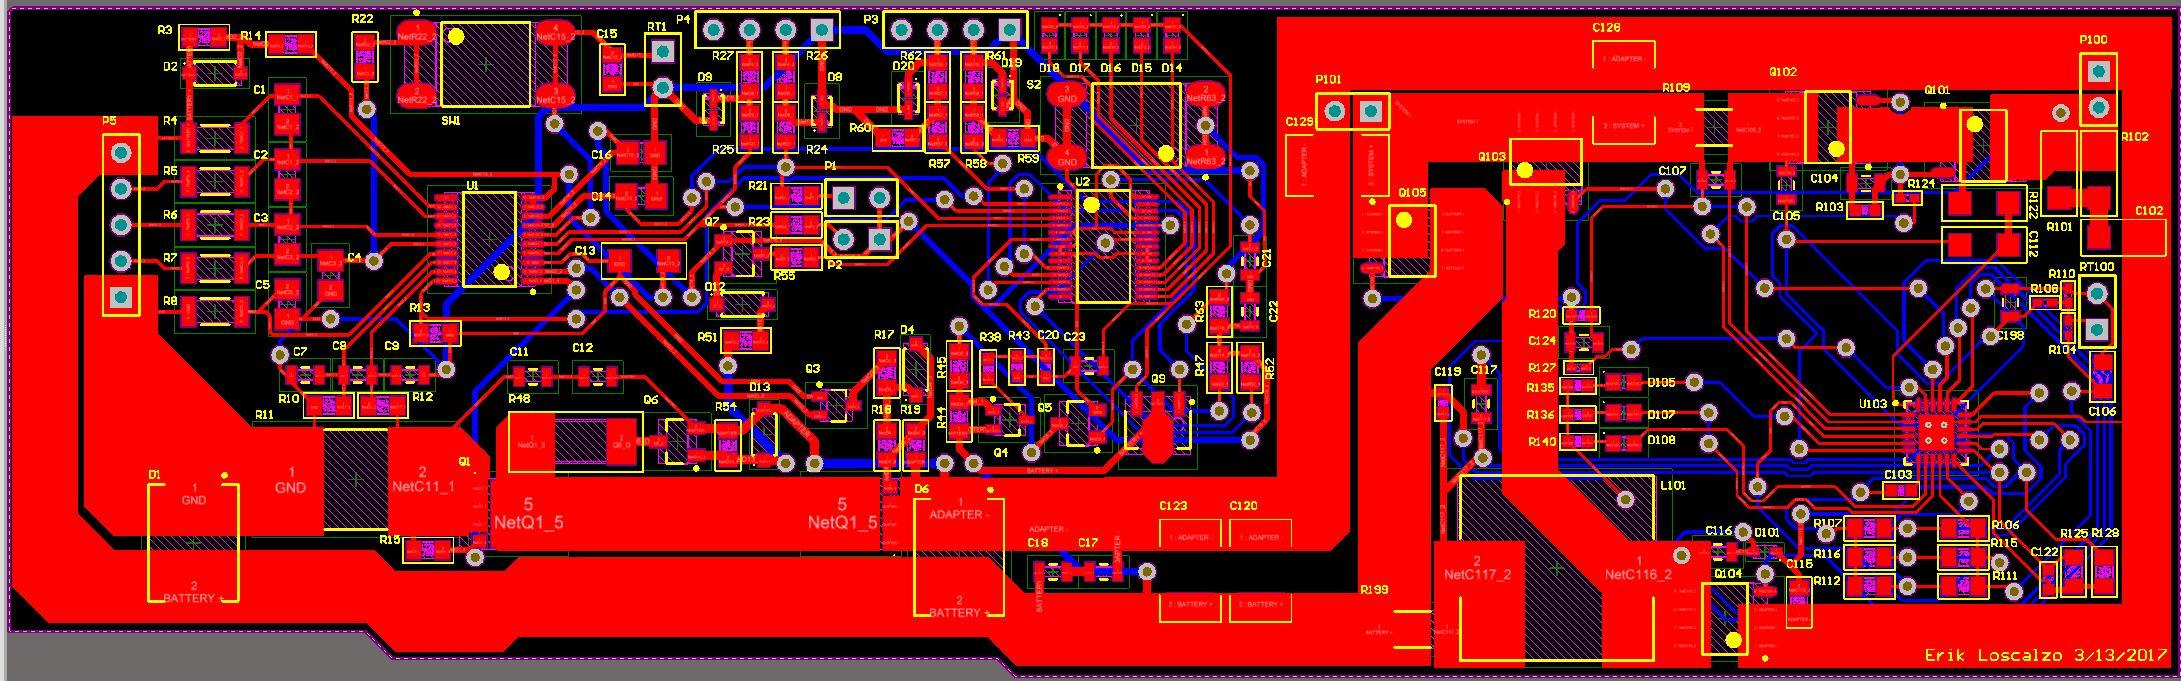 Custom Printed Circuit Boards Erik Loscalzo Dartmouth Formula Racing Pcbs